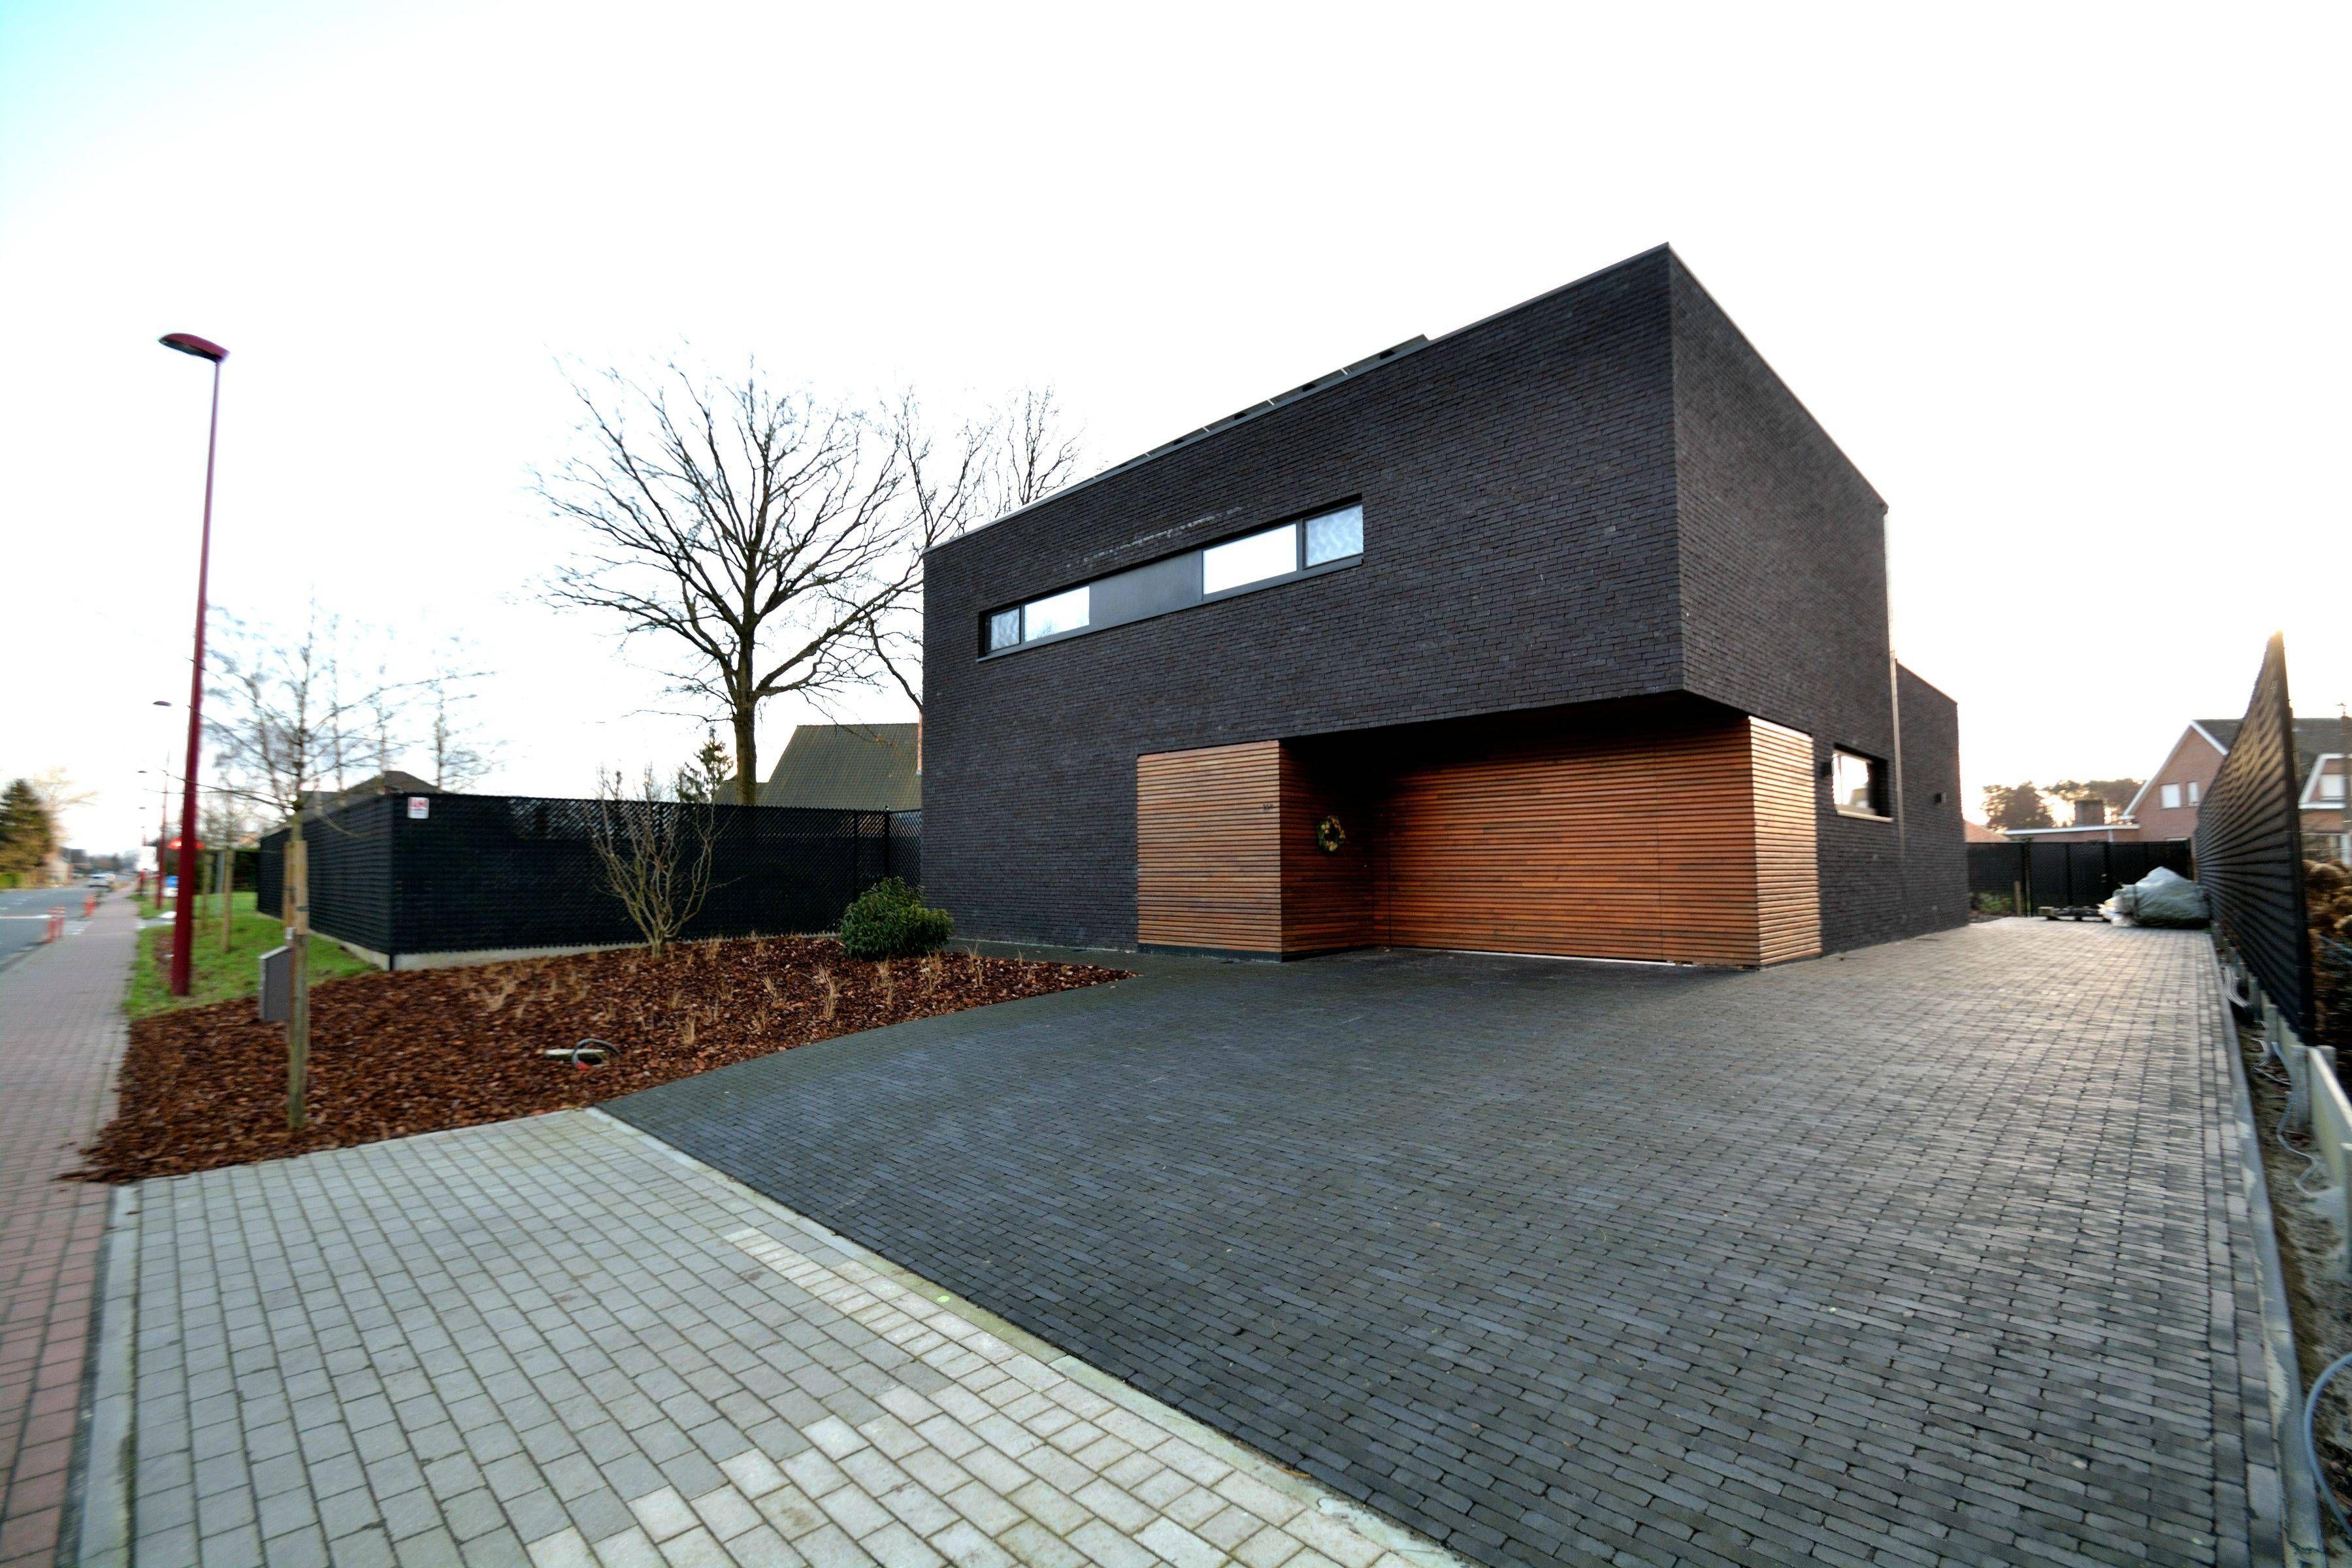 Gevel met hout steen combinatie gevels modern gevel en architectuur